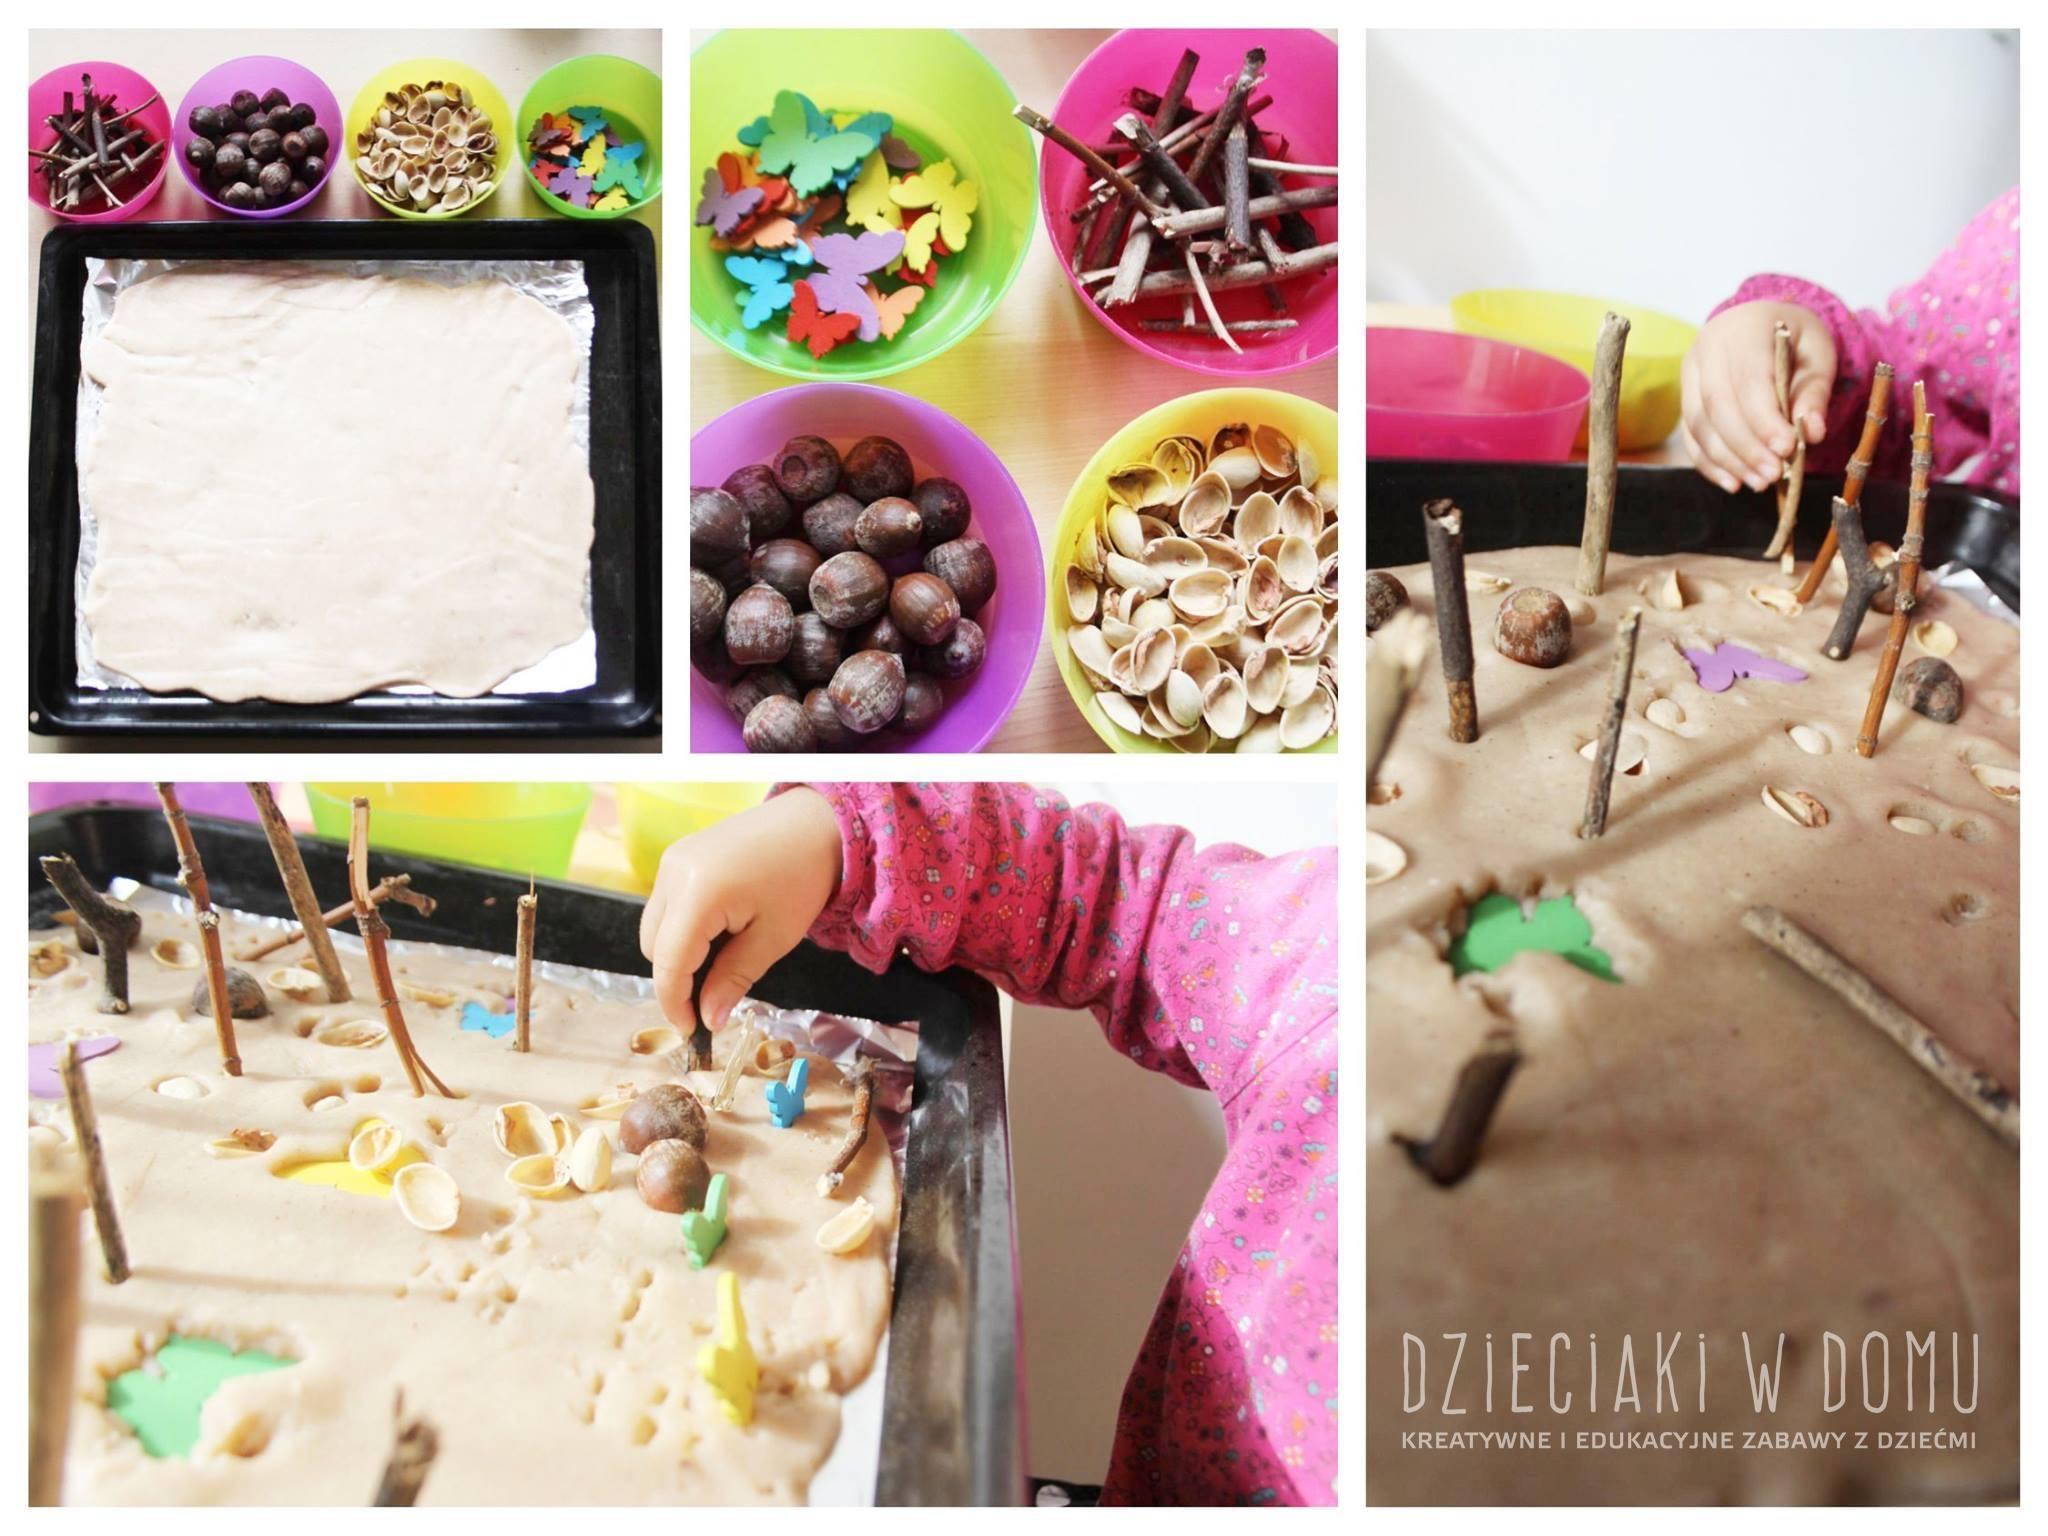 Kompozycja w ciastolinie - spontaniczna zabawa malucha